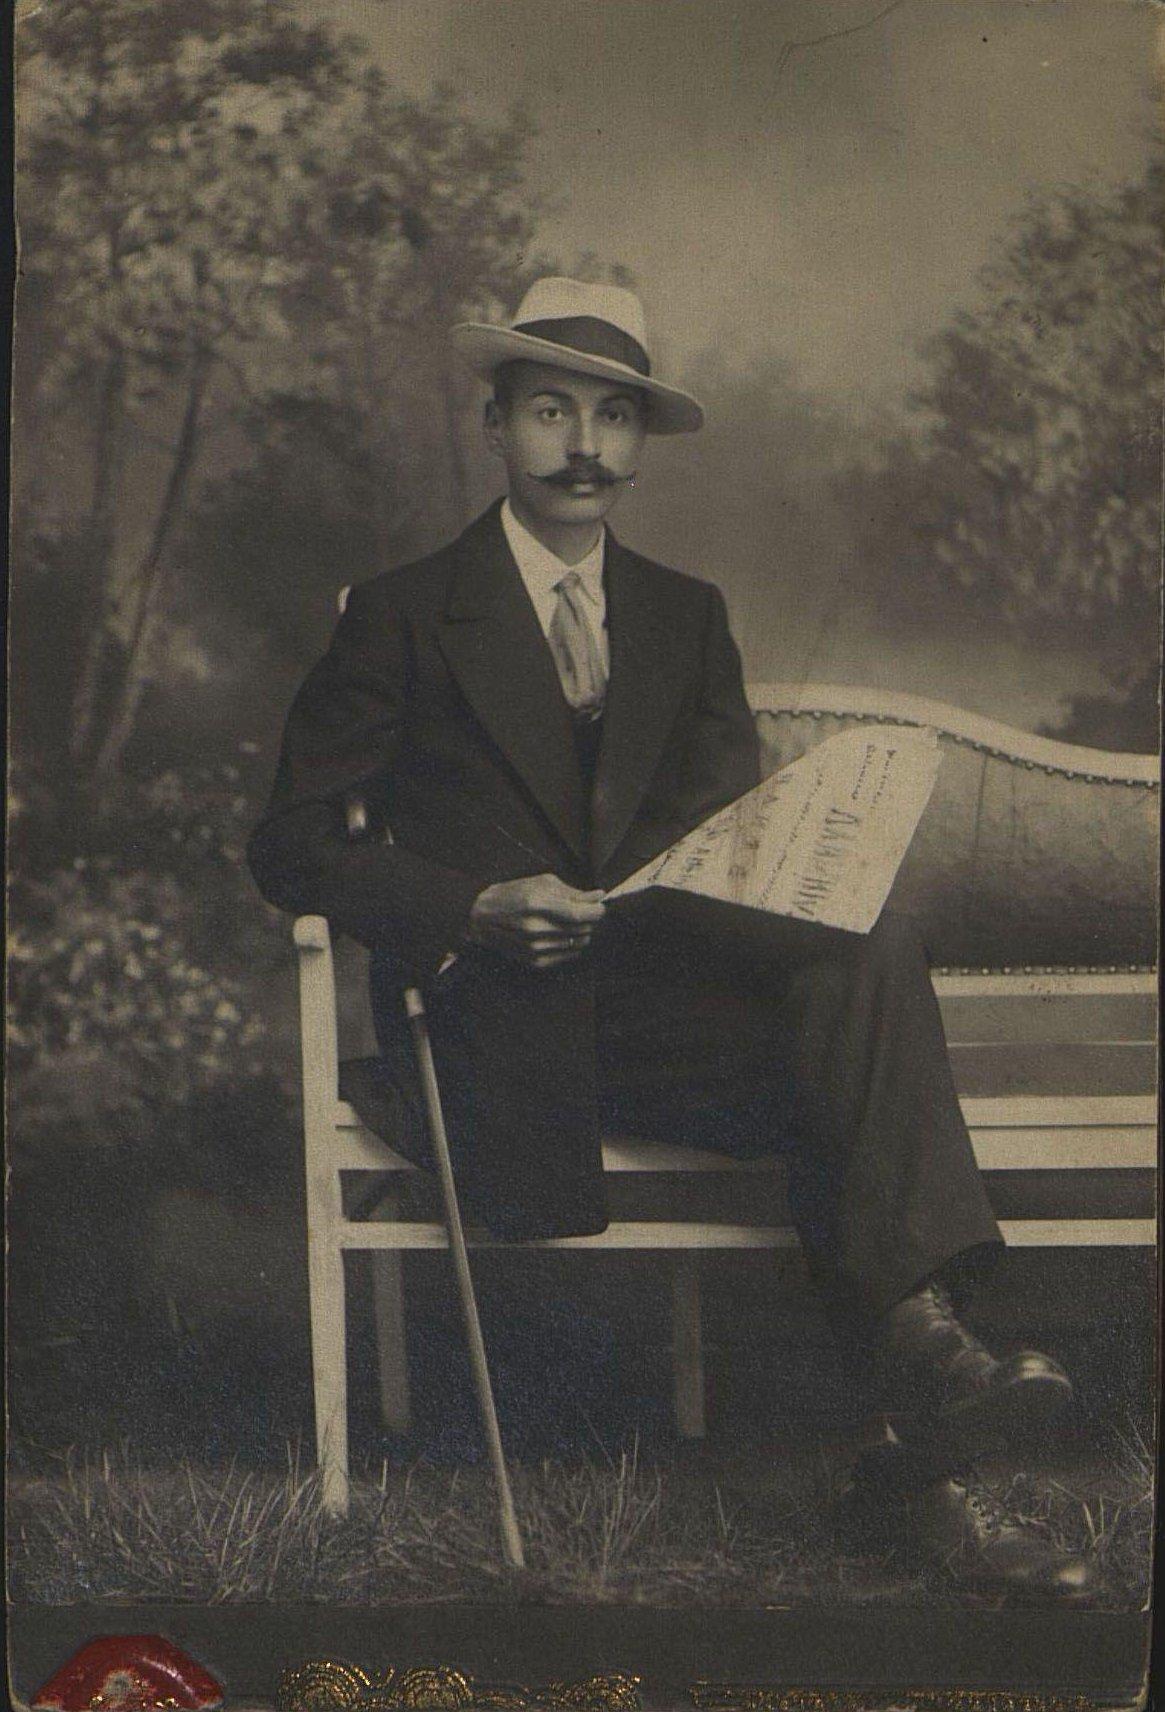 Кравец Александр Петрович, литографский мастер типографии Е.А. Пановой «Дальний Восток». Неизвестный фотограф. 1912